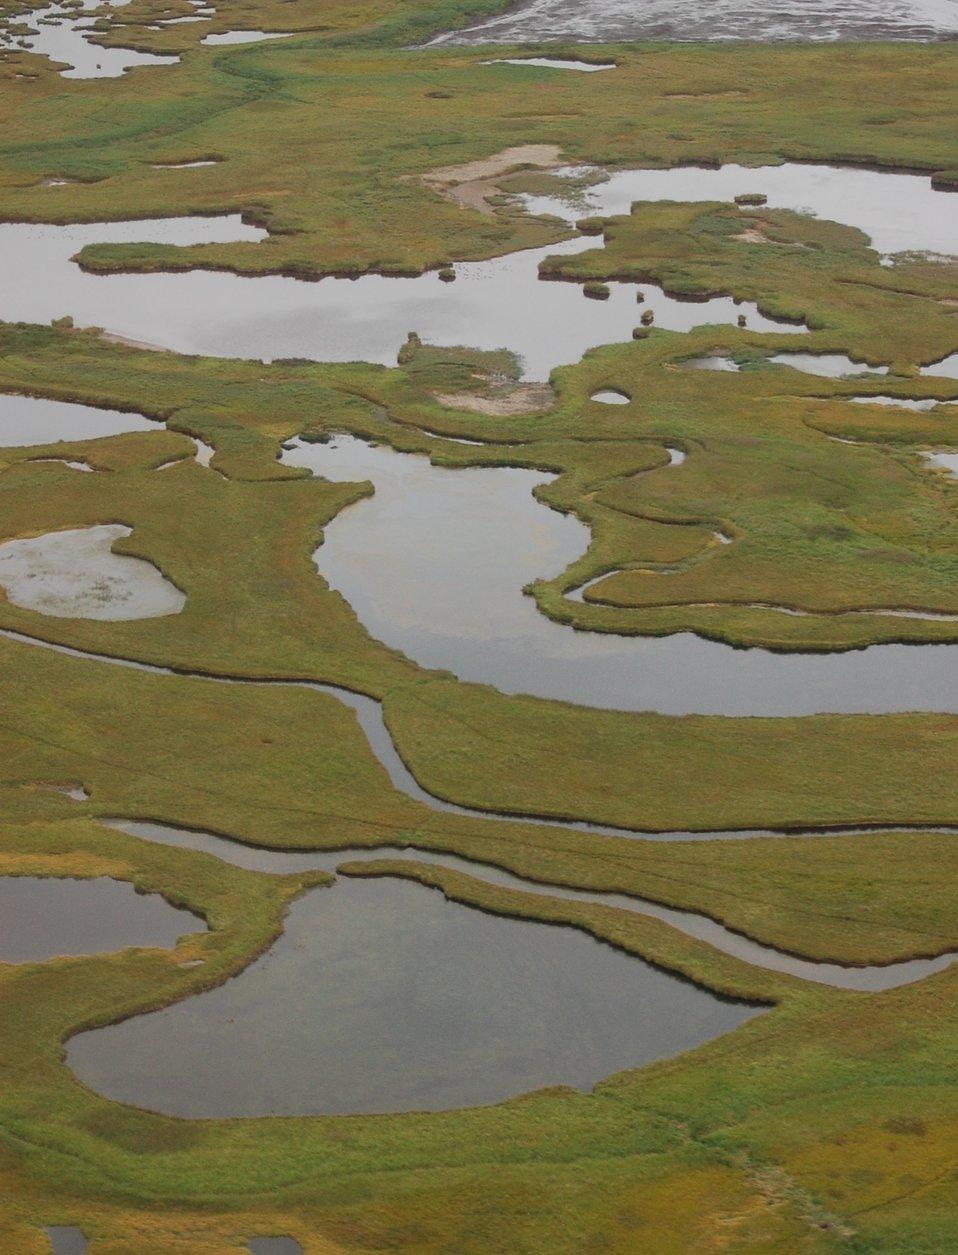 Izembek wetlands